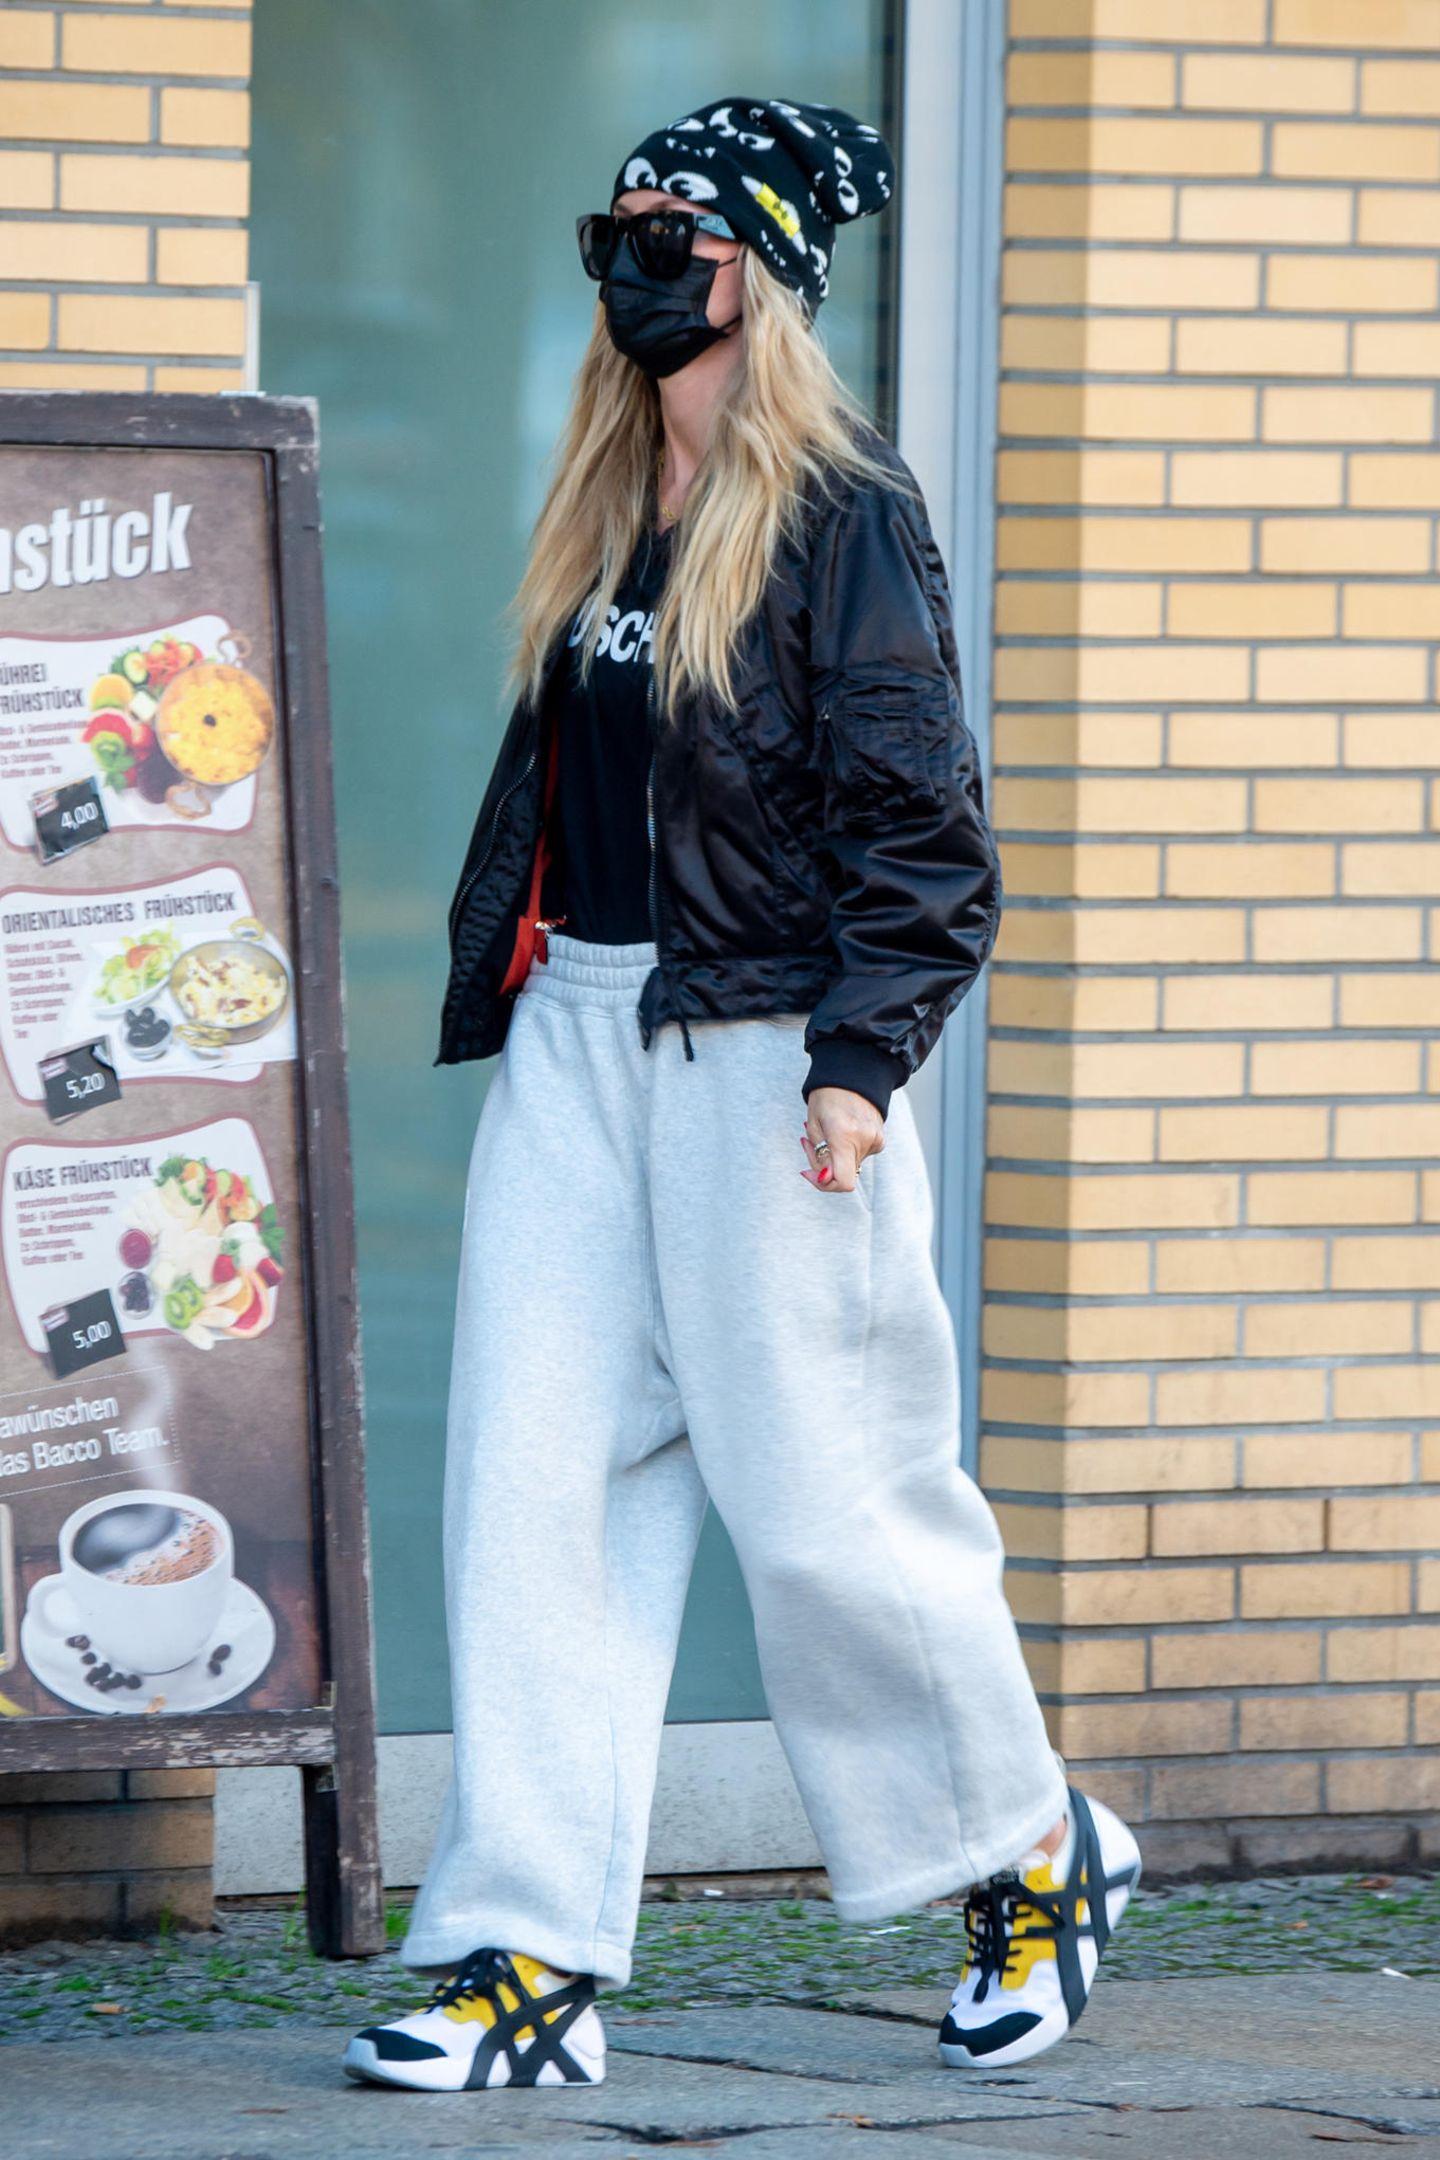 So unauffällig, dass es beinahe schon wieder auffällig ist: Heidi Klum zeigt sich seit ihresUmzugs nach Berlin in Inkognito-Looks, die durchMaske, Sonnenbrille und Mütze von Tag zu Tag perfektioniert werden. Doch irgendwie ist sie dennoch ein Hingucker, wie sie lässig in einer weiten Jogginghose, einem Leder-Blousonund schicken Turnschuhen durch die Straßen der Hauptstadt schlendert.